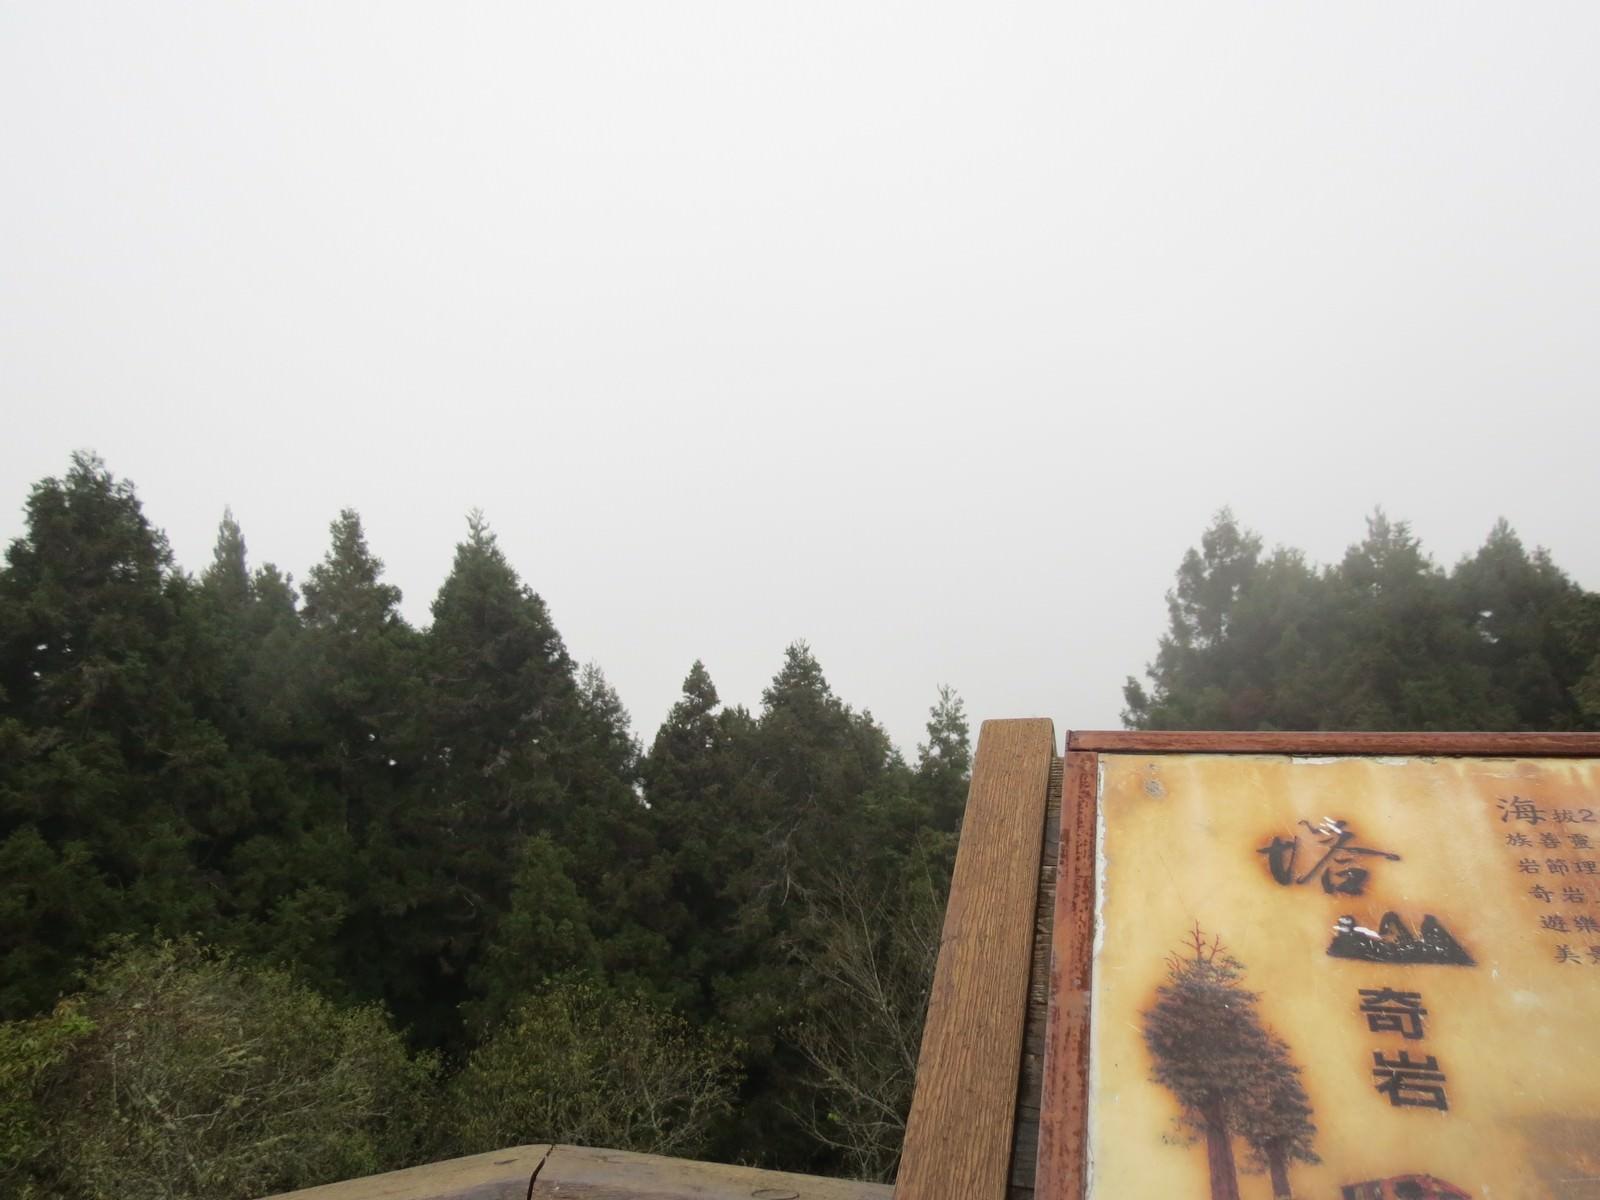 阿里山國家風景區, 塔山奇岩